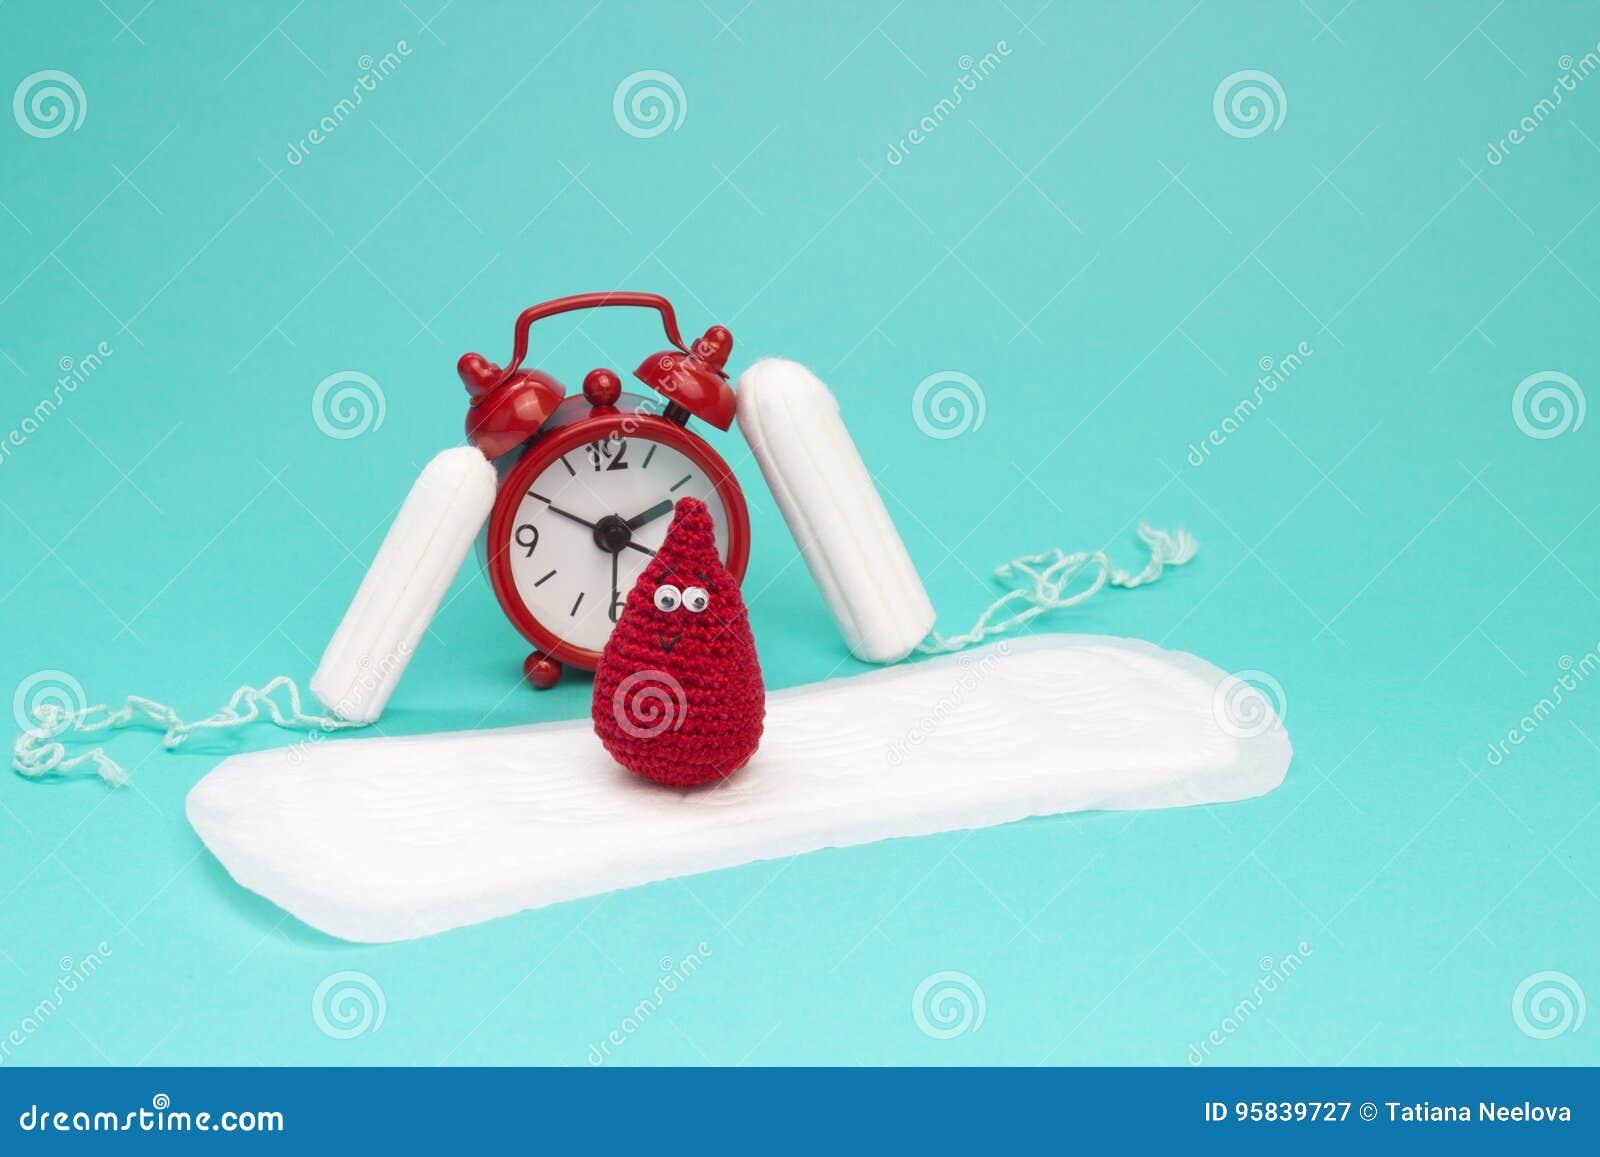 Κόκκινο ξυπνητήρι, ονειροπόλος πτώση αίματος τσιγγελακιών χαμόγελου, καθημερινά εμμηνορροϊκά μαξιλάρι και tampons Υγειονομική υγι